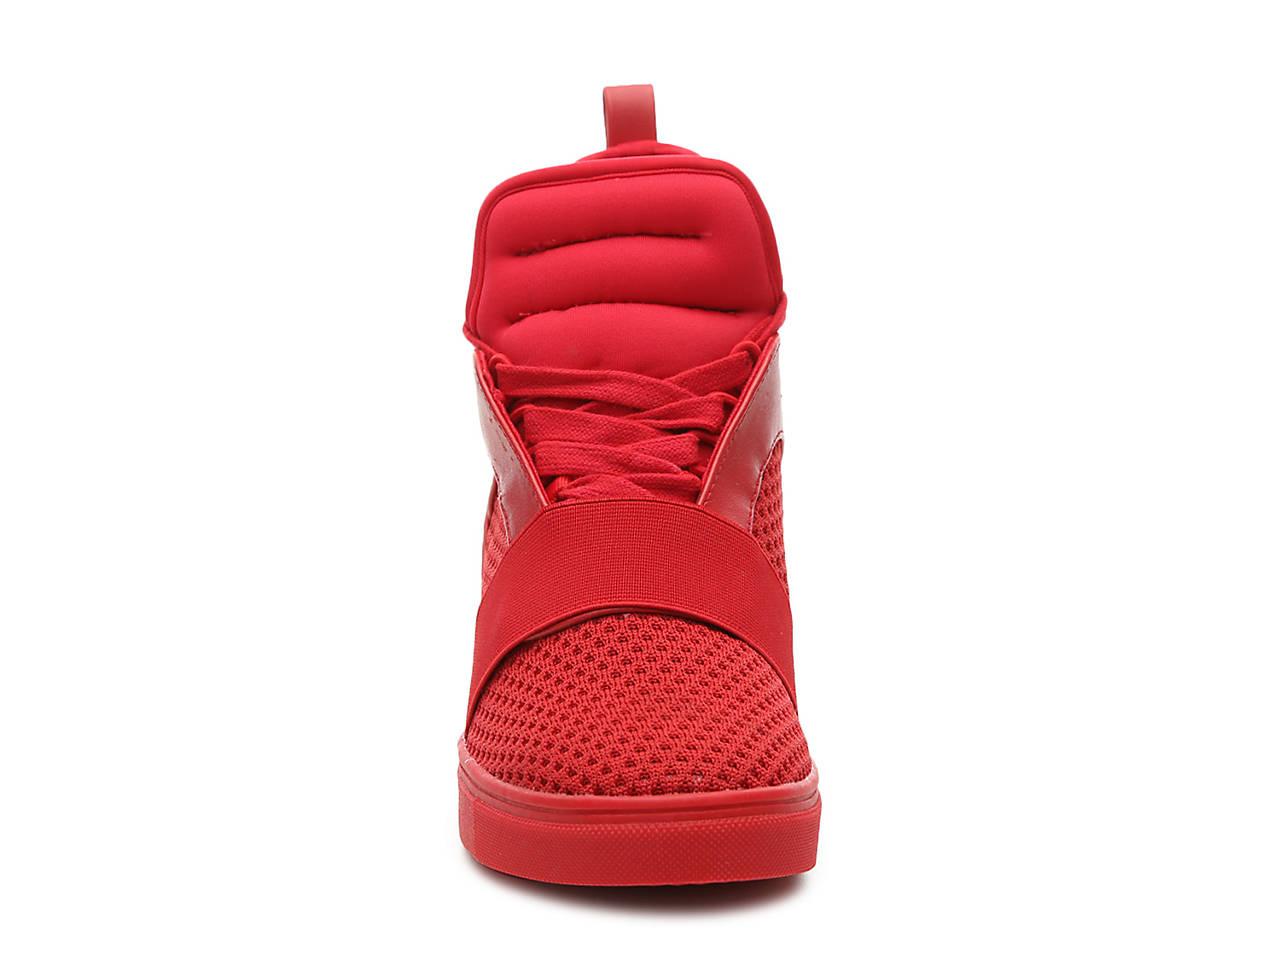 6e2e766f31d Steve Madden Lexi Wedge Sneaker Men s Shoes